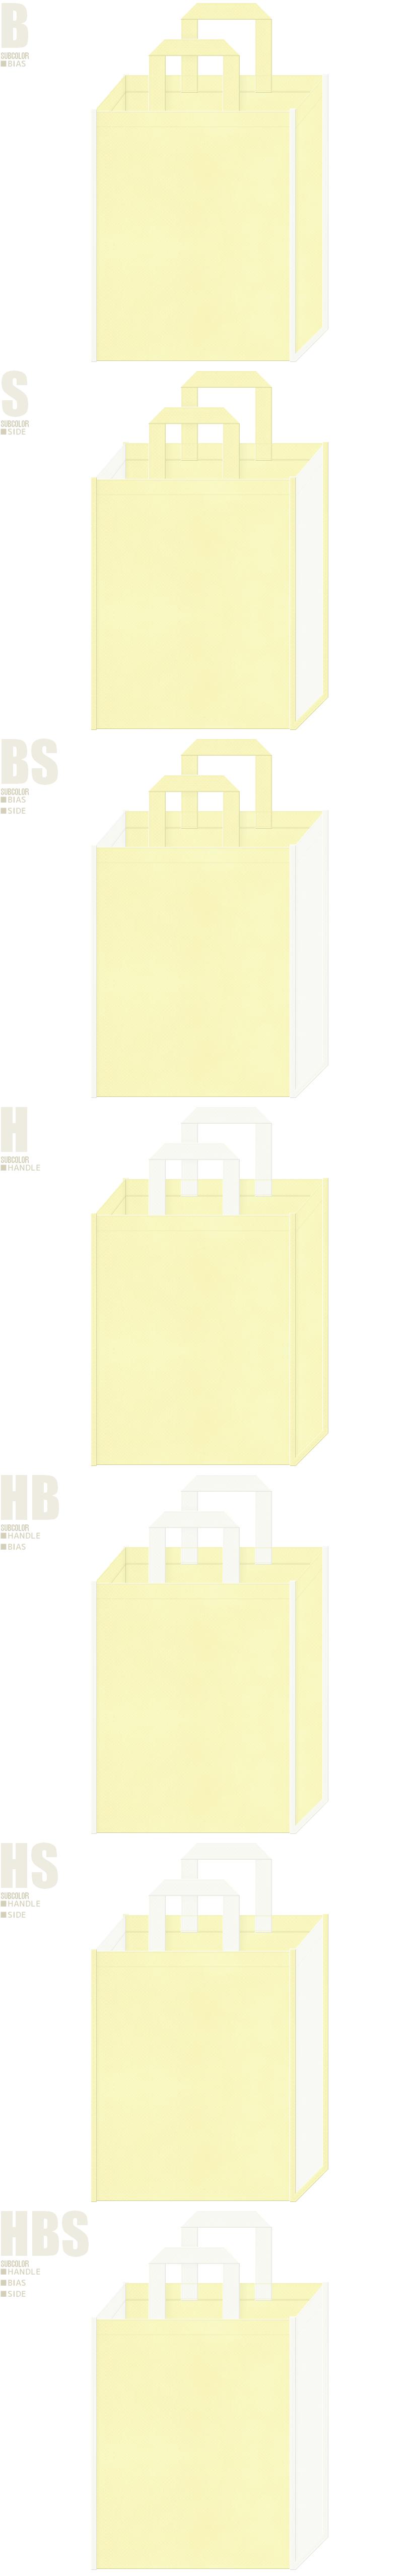 ロールケーキイメージにお奨めです。薄黄色とオフホワイト色、7パターンの不織布トートバッグ配色デザイン例。